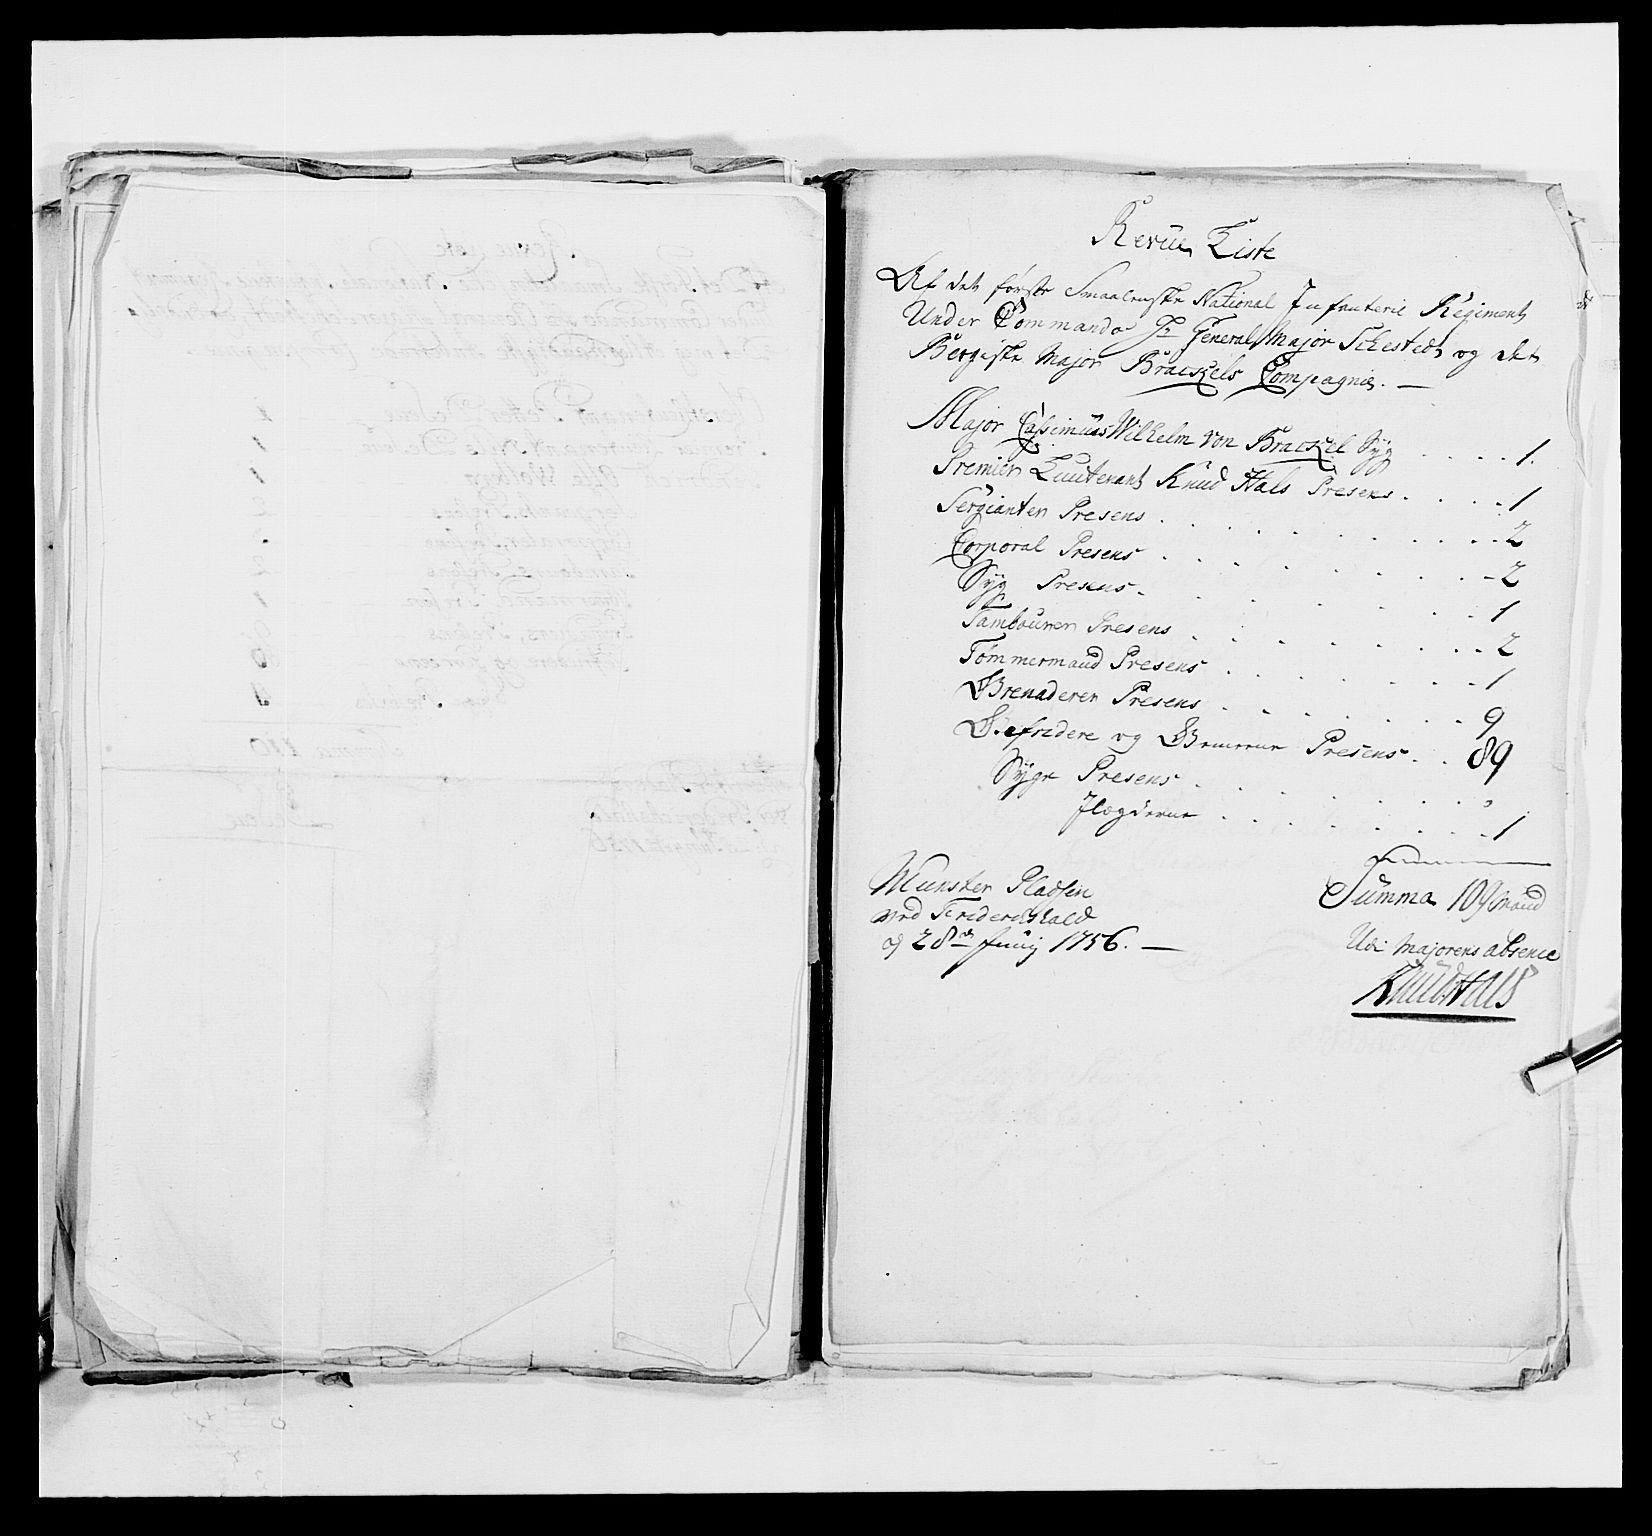 RA, Kommanderende general (KG I) med Det norske krigsdirektorium, E/Ea/L0495: 1. Smålenske regiment, 1732-1763, s. 621